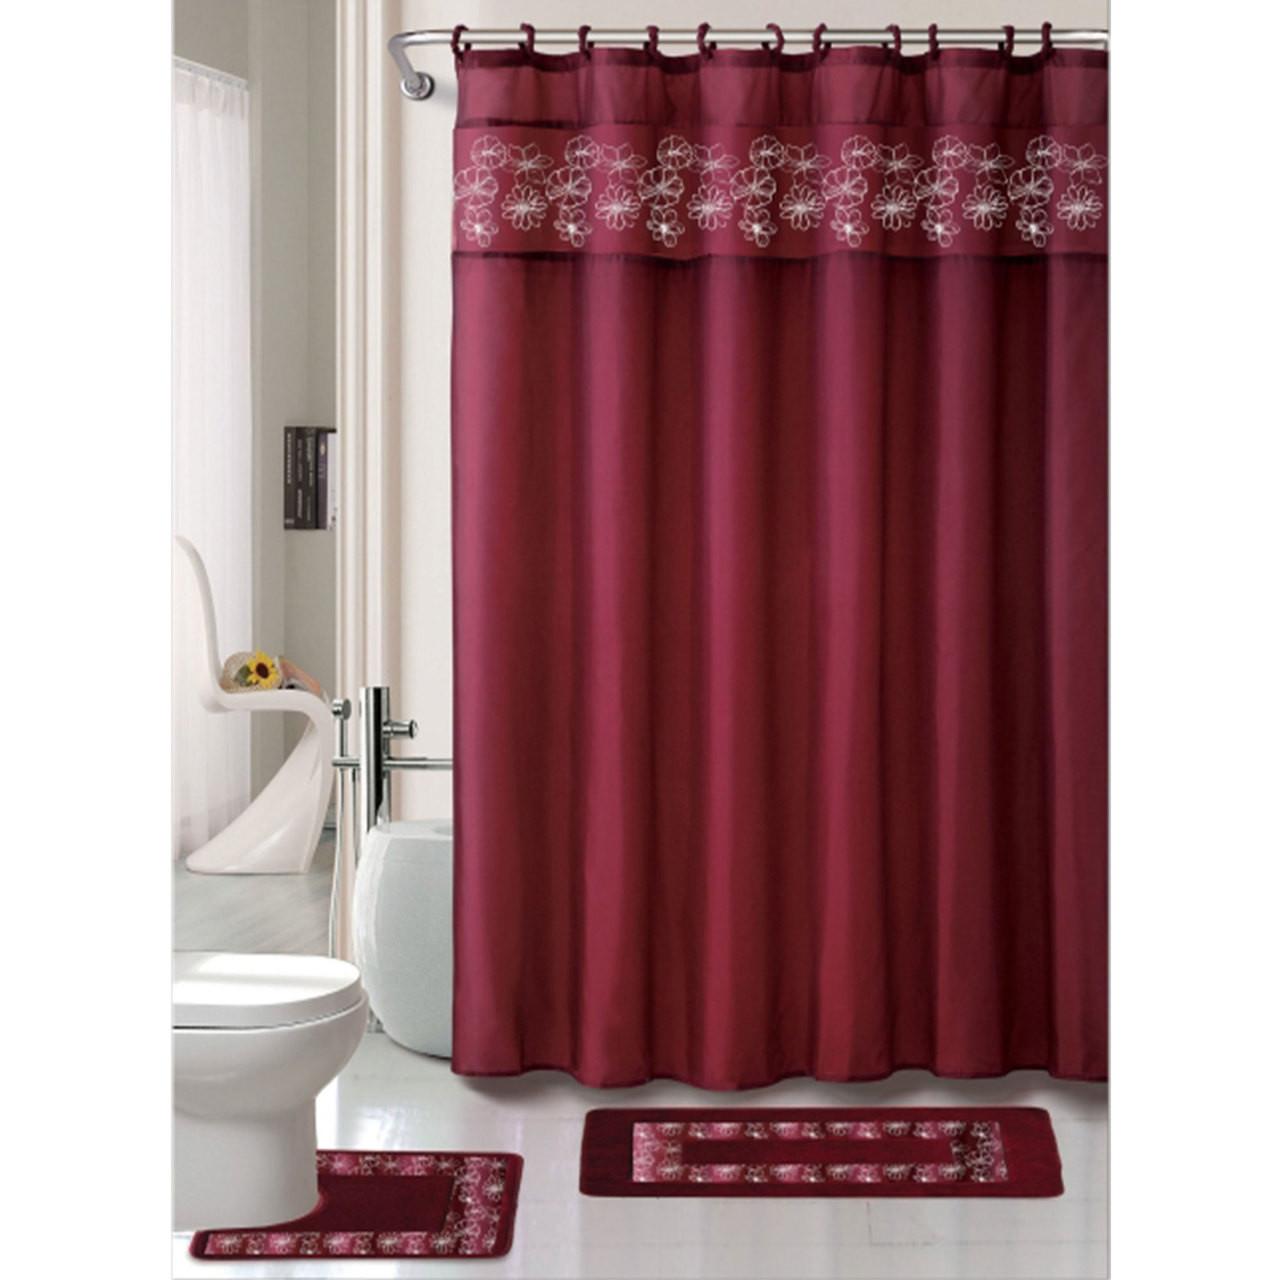 15 Pc Bathroom Accessories Set Bath Mat Contour Rug Shower